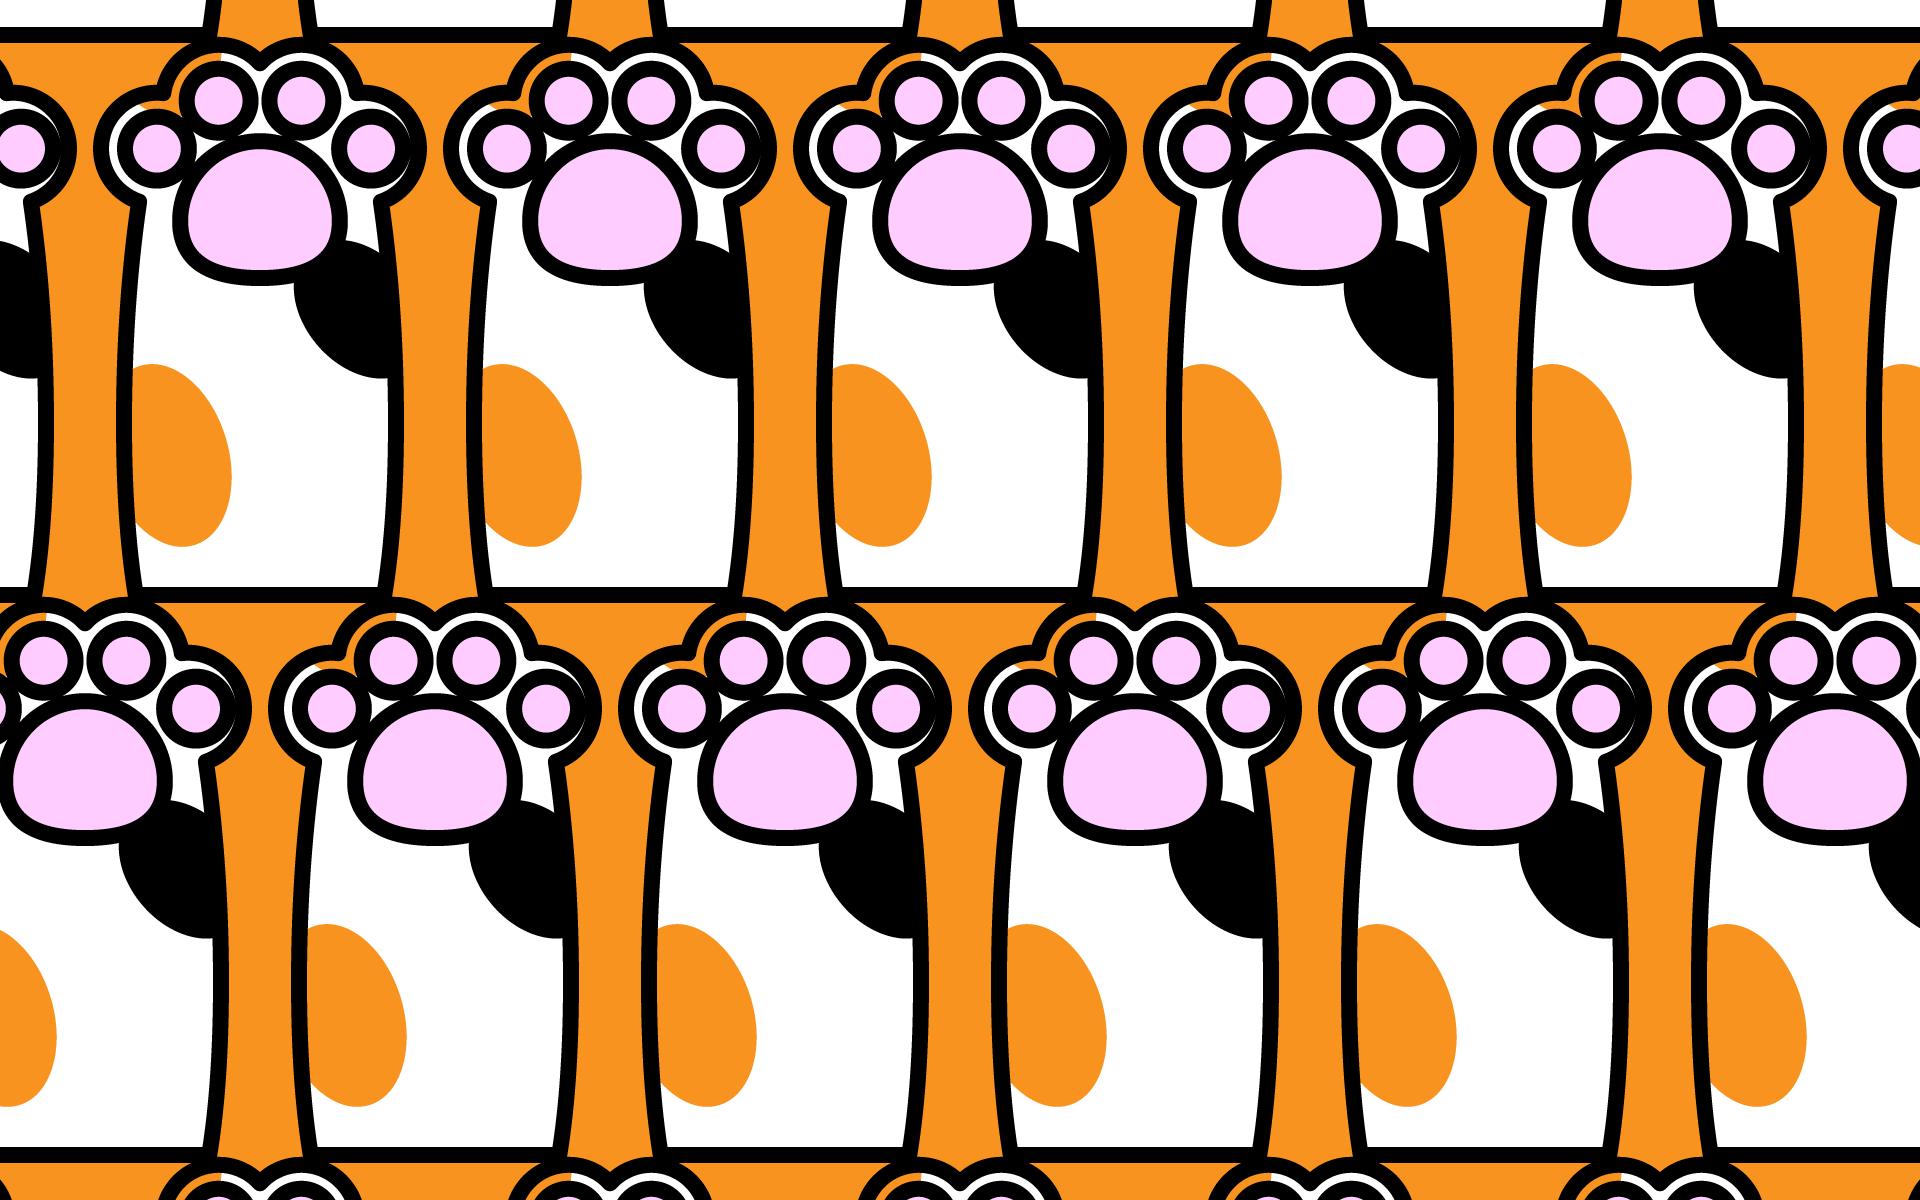 かわいい猫の手づくし壁紙(PC)の無料イラスト・商用フリー